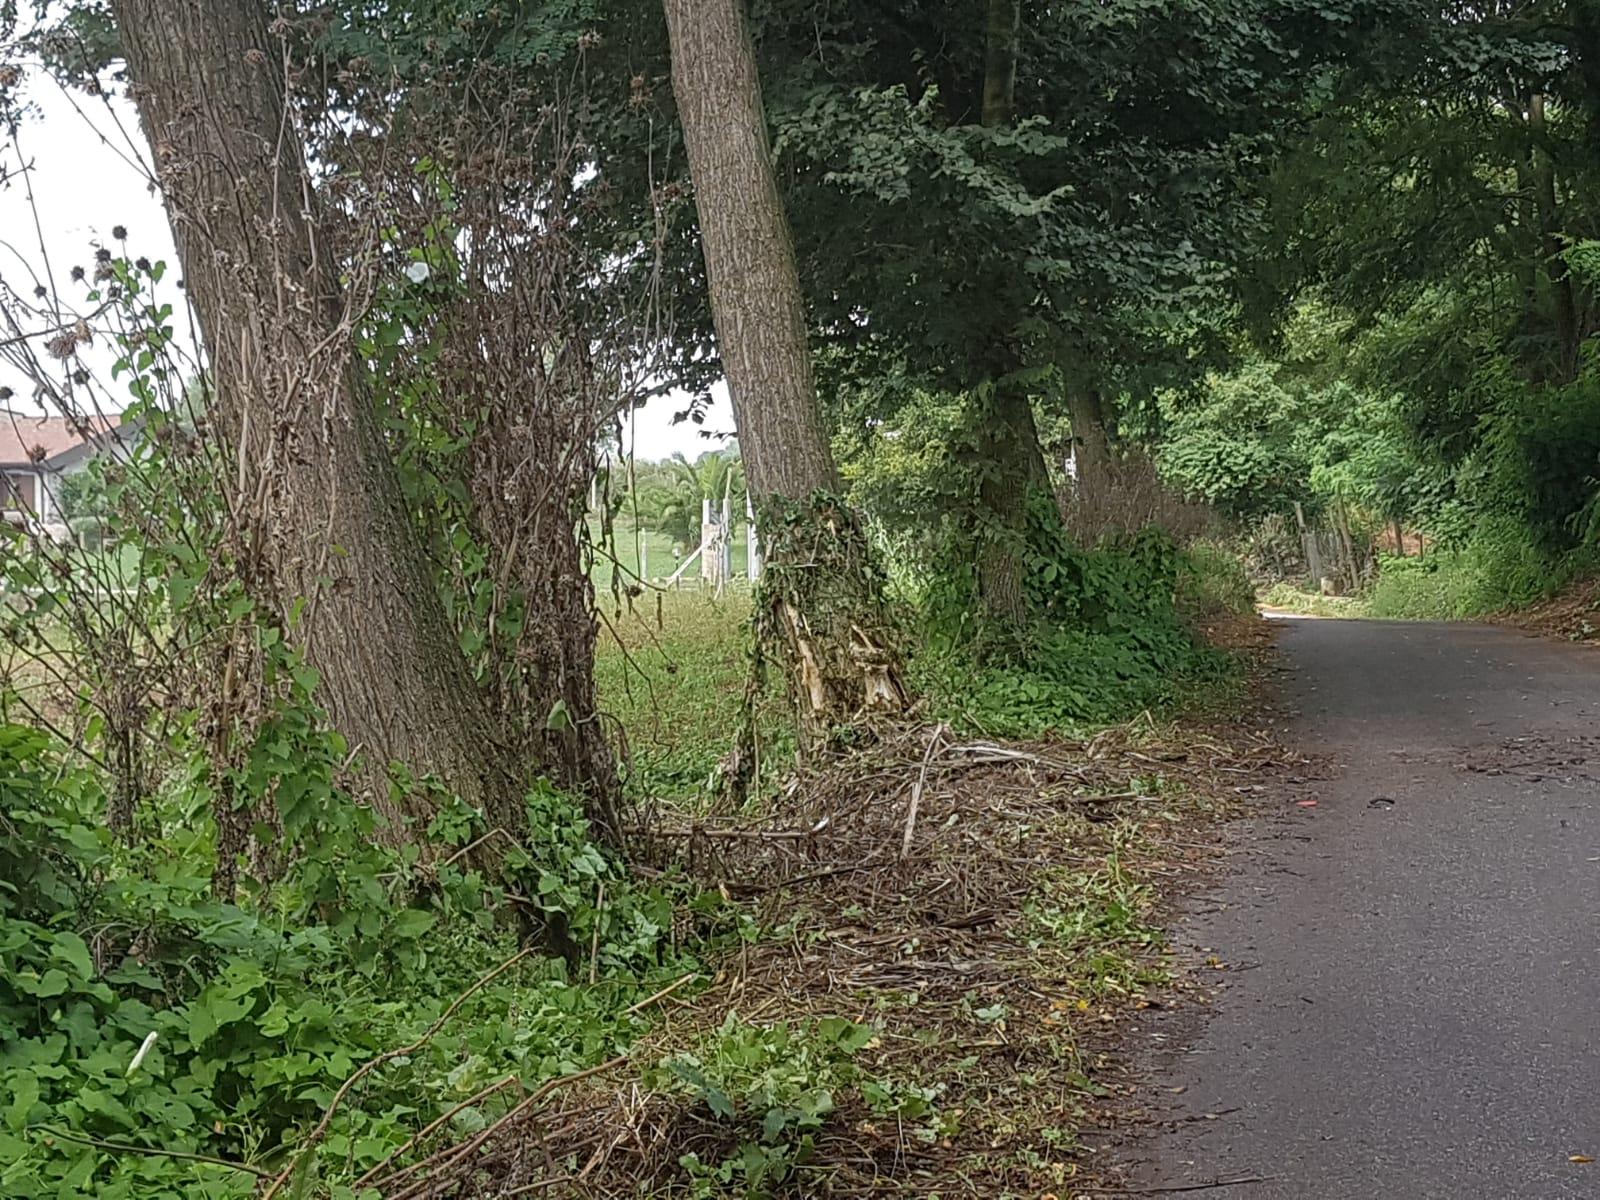 Incidente nel Vibonese, auto finisce contro un alberoIn gravi condizioni due giovani: prognosi riservata